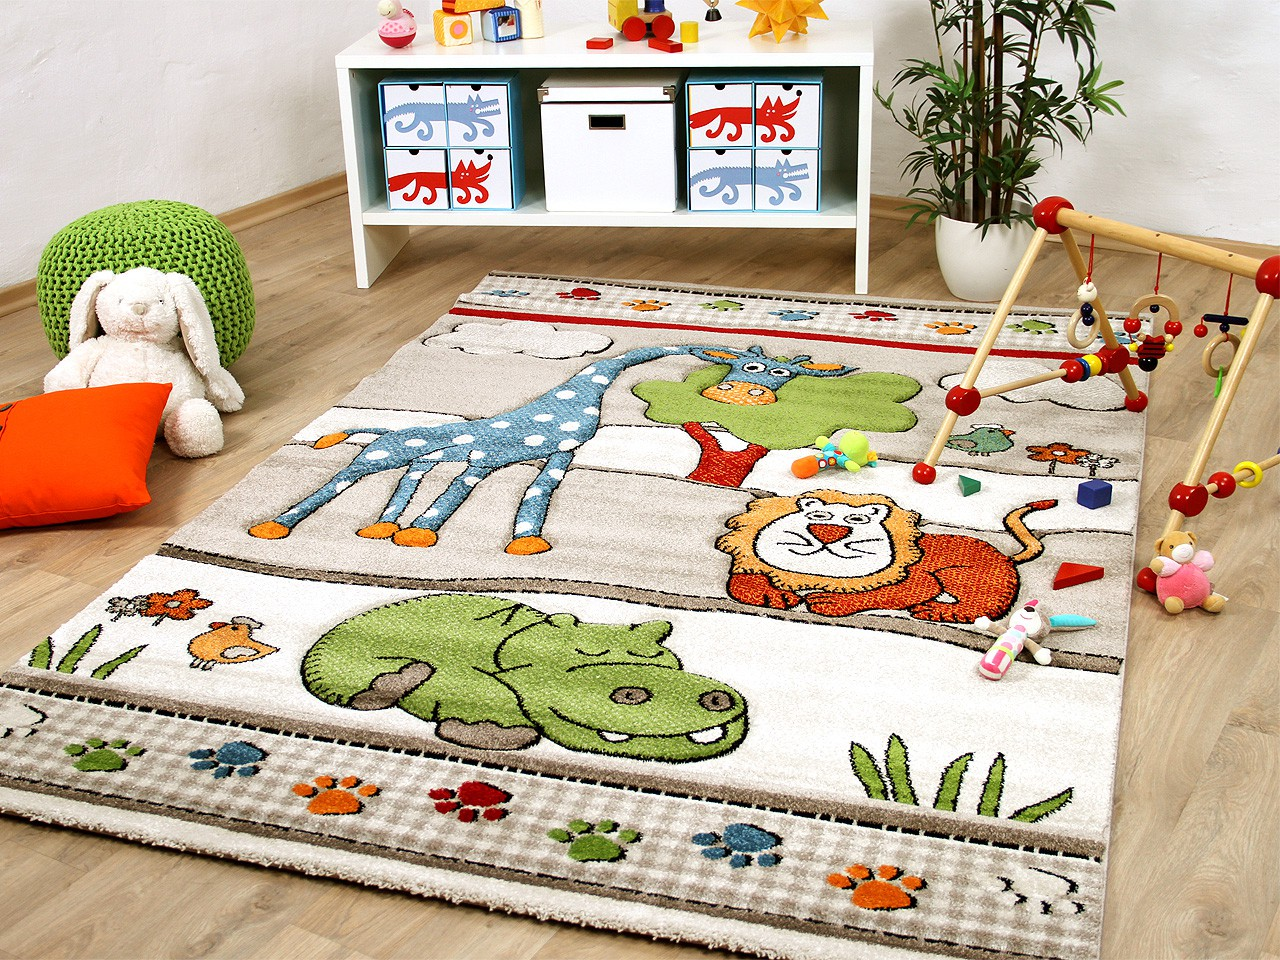 Full Size of Teppiche Kinderzimmer Teppich Savona Kids Lustige Zoowelt Beige Kinder Wohnzimmer Regal Weiß Regale Sofa Kinderzimmer Teppiche Kinderzimmer